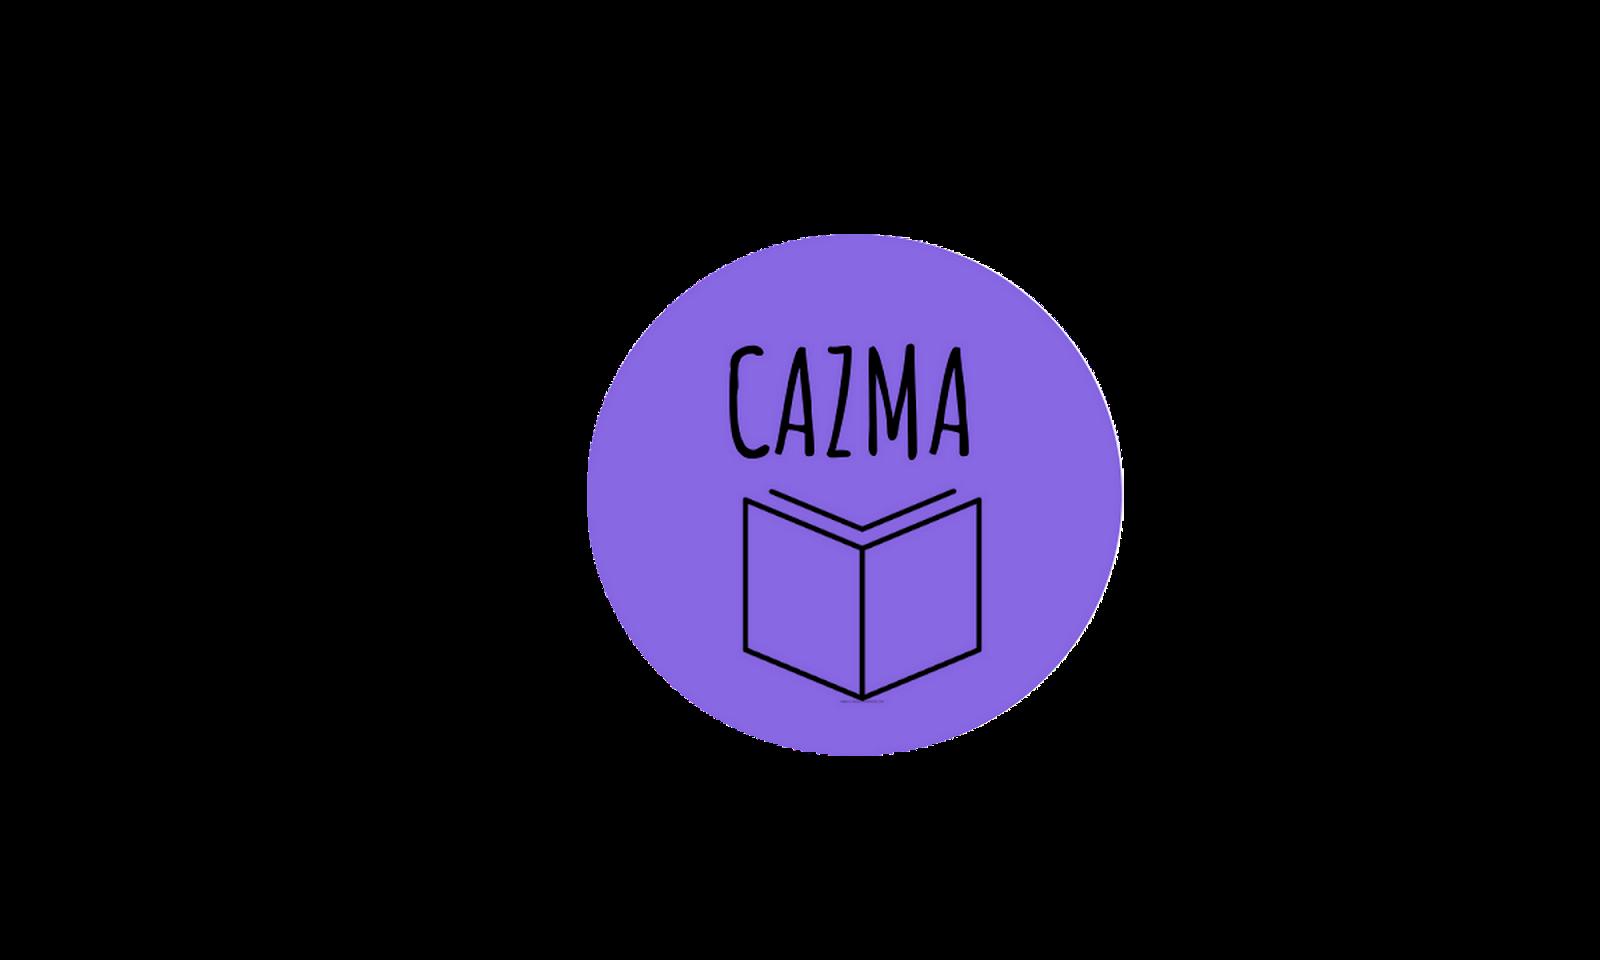 Centro Acadêmico Zila Mamede - CAZMA